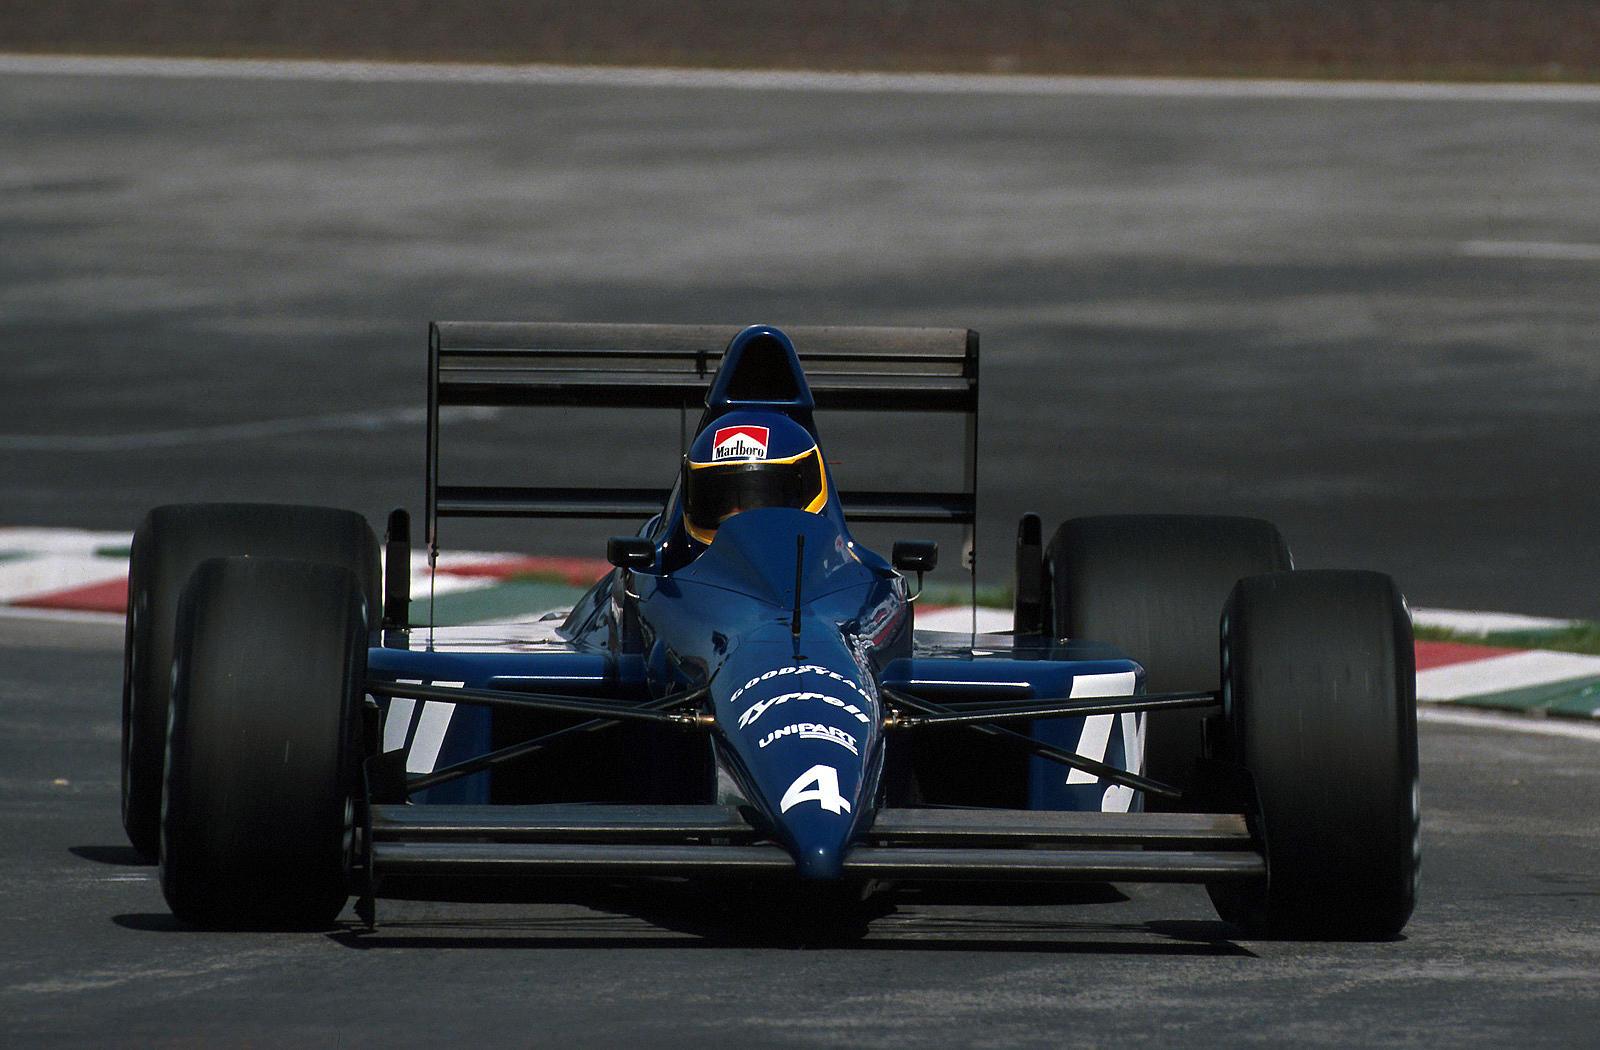 Tyrrell, equipe histórica de Formula 1 de 1989 - by bandeiraverde.com.br